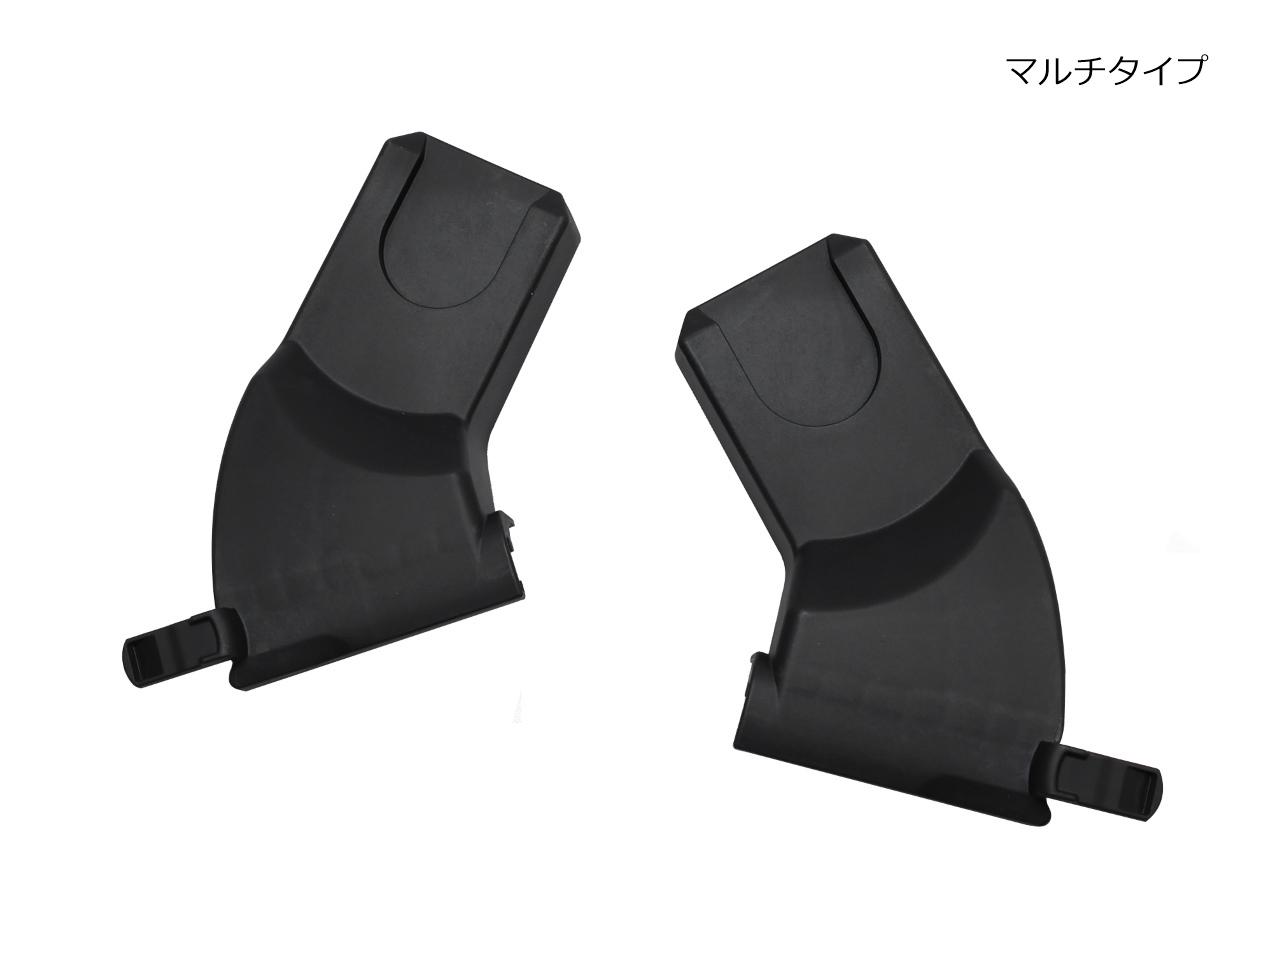 イングリッシーナ ジッピーライト カーシートアダプター【最短翌日発送】